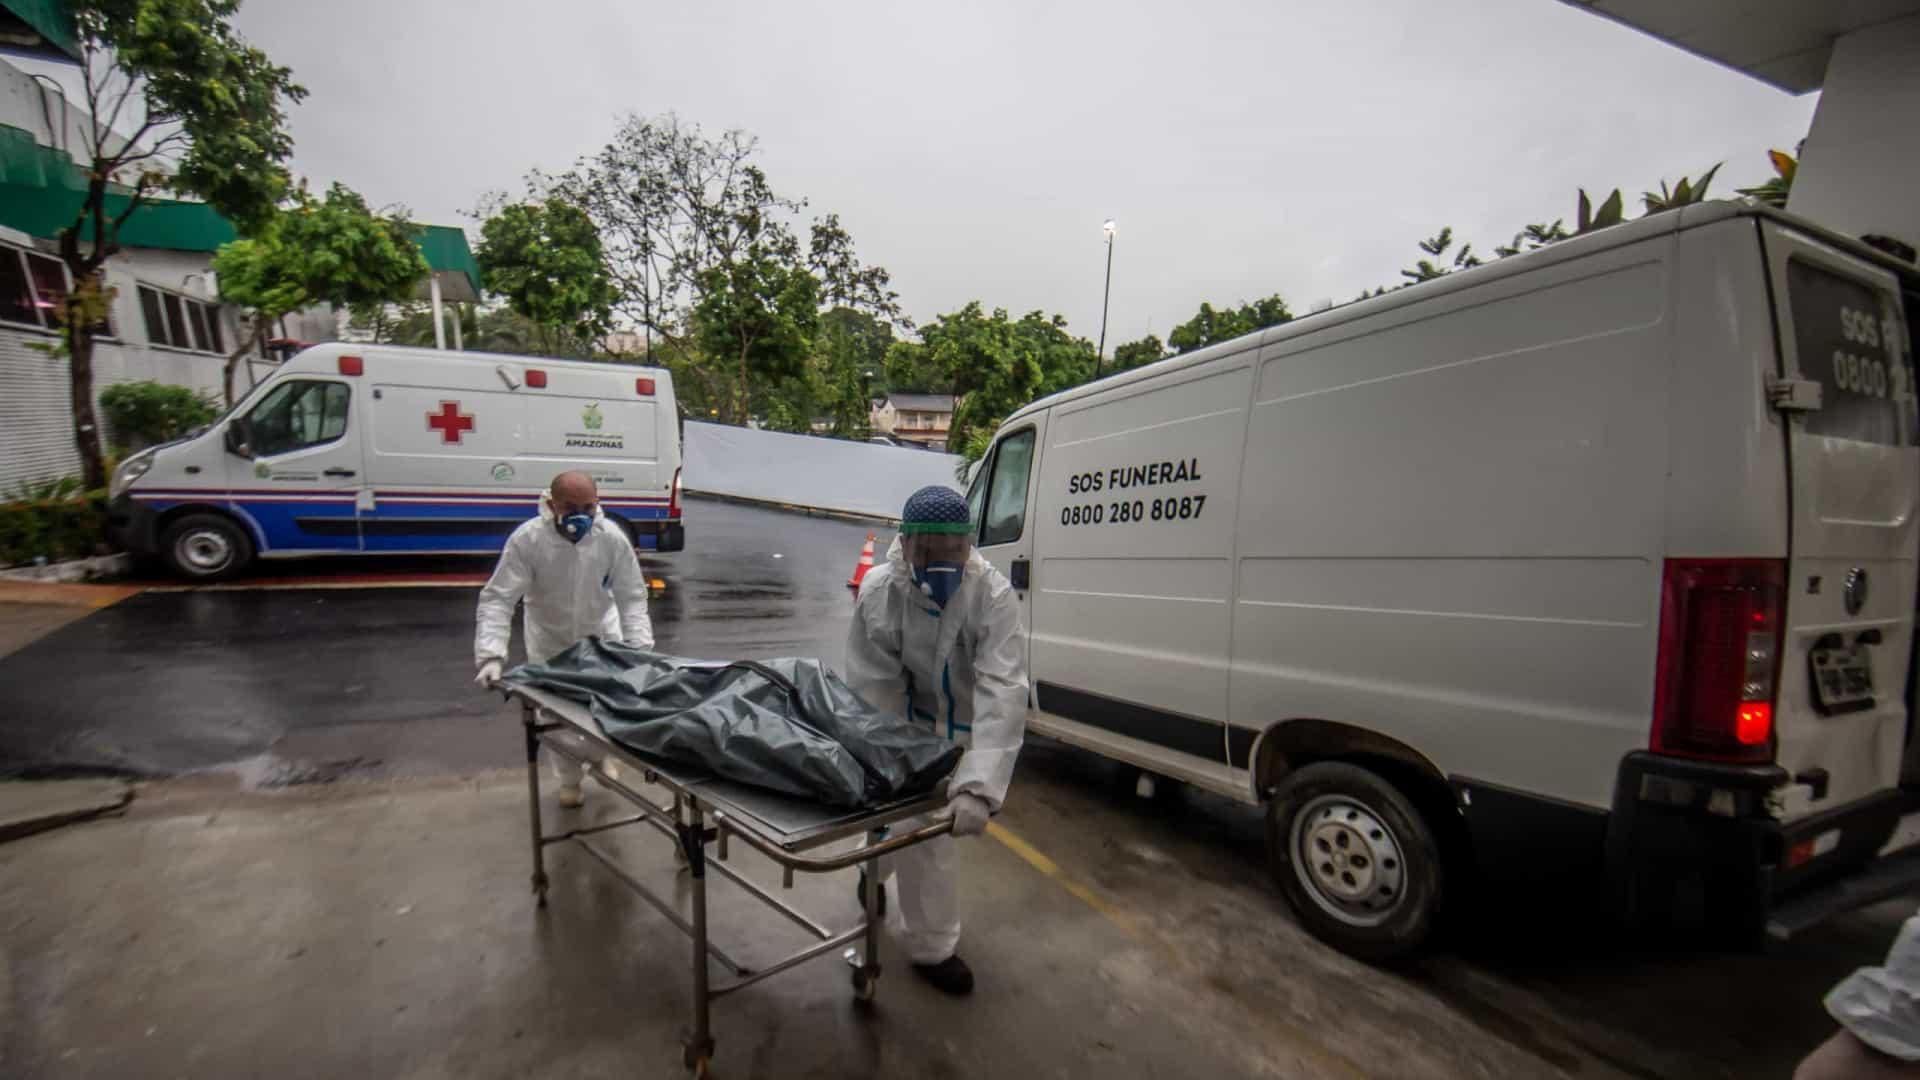 naom 6076a178a4da9 - Covid-19: Brasil registra 2.656 mortos e 66 mil novos casos em 24h